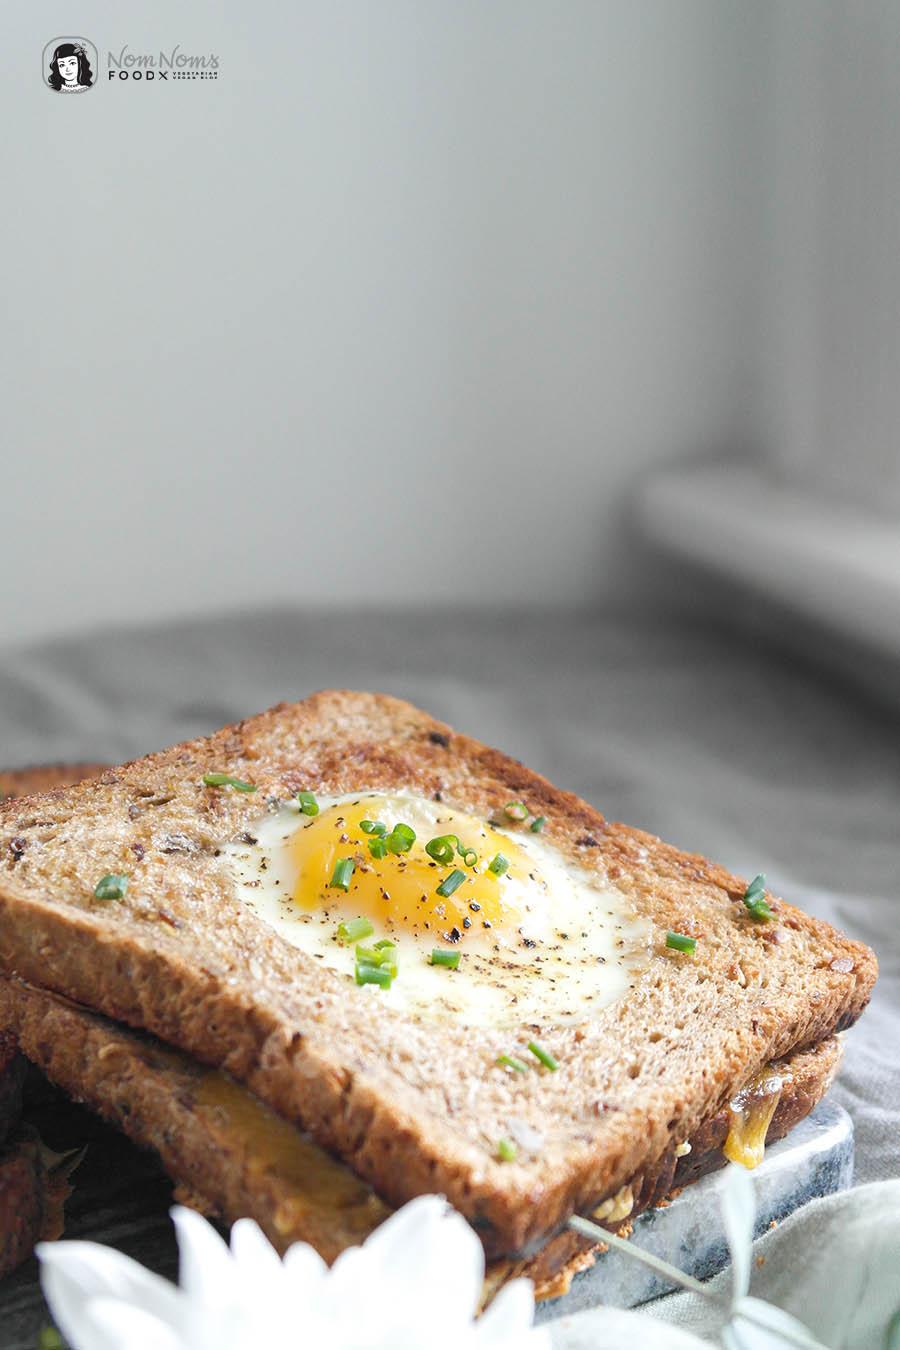 Brot-mit-Ei-im-Loch-Sandwich - schnelles gebratenes Brot mit Ei und Käse Fix auf dem Tisch